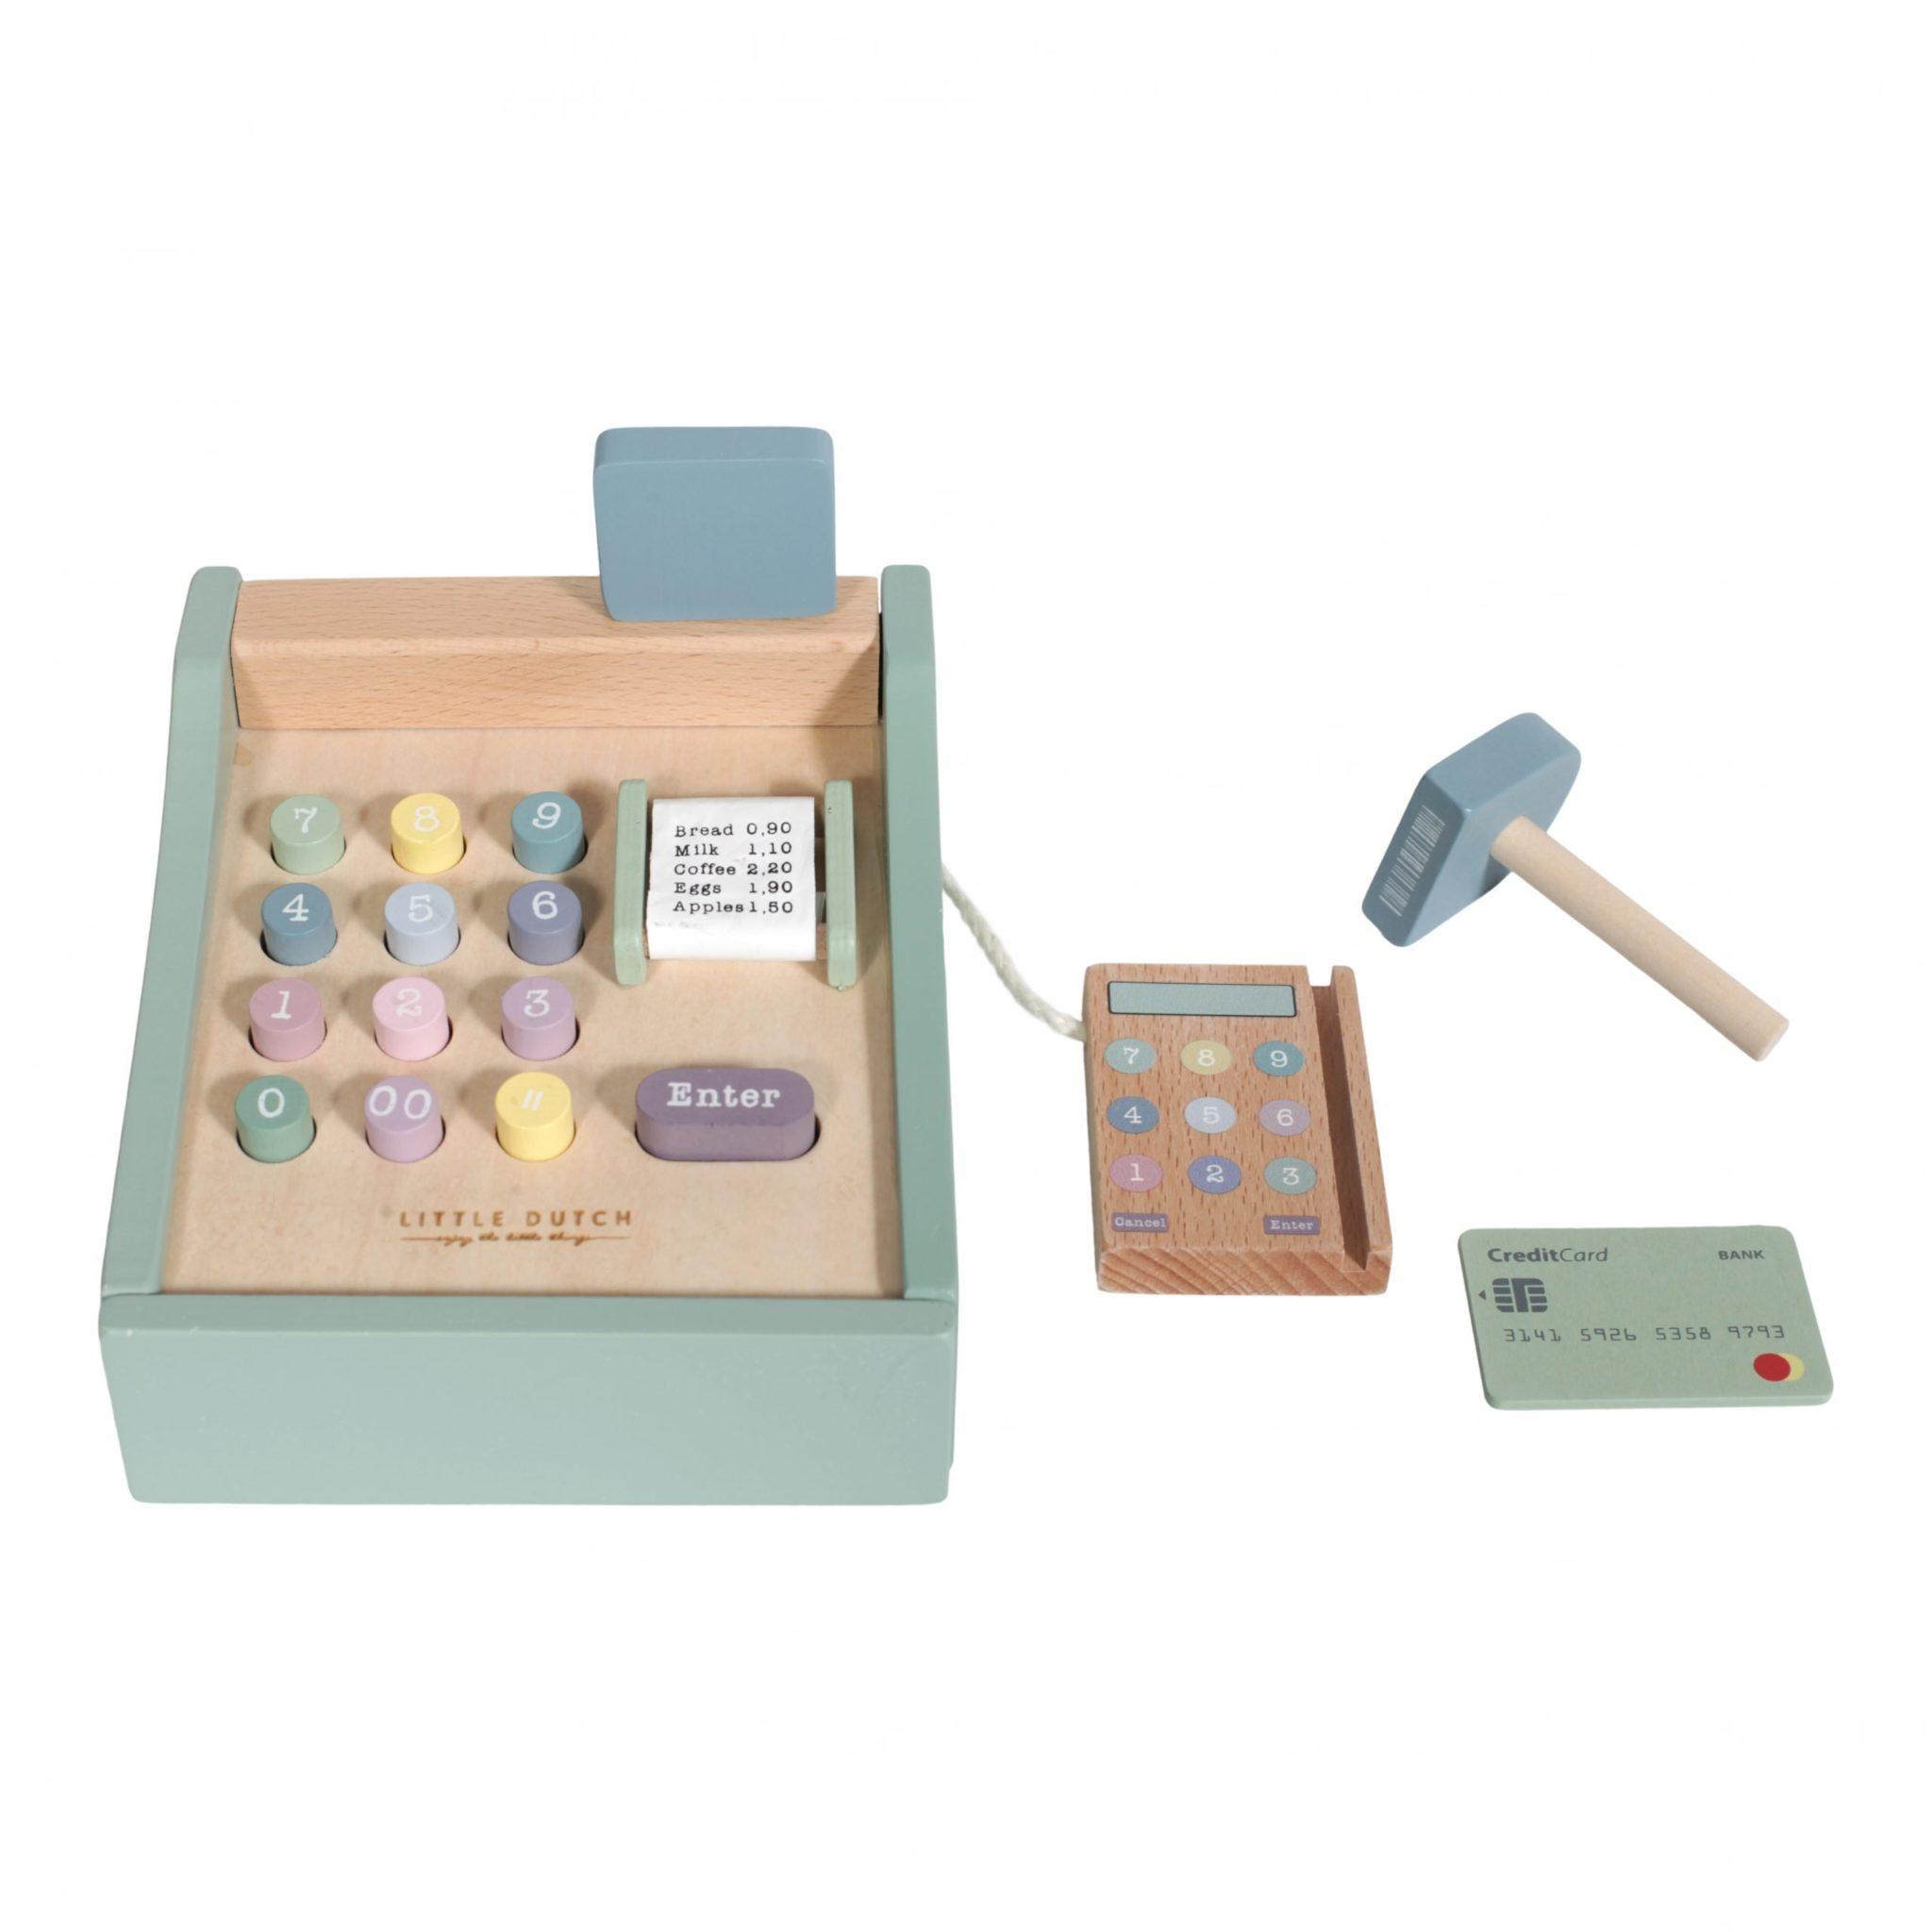 LITTLE DUTCH. Ξύλινη ταμειακή μηχανή Adventure Mint